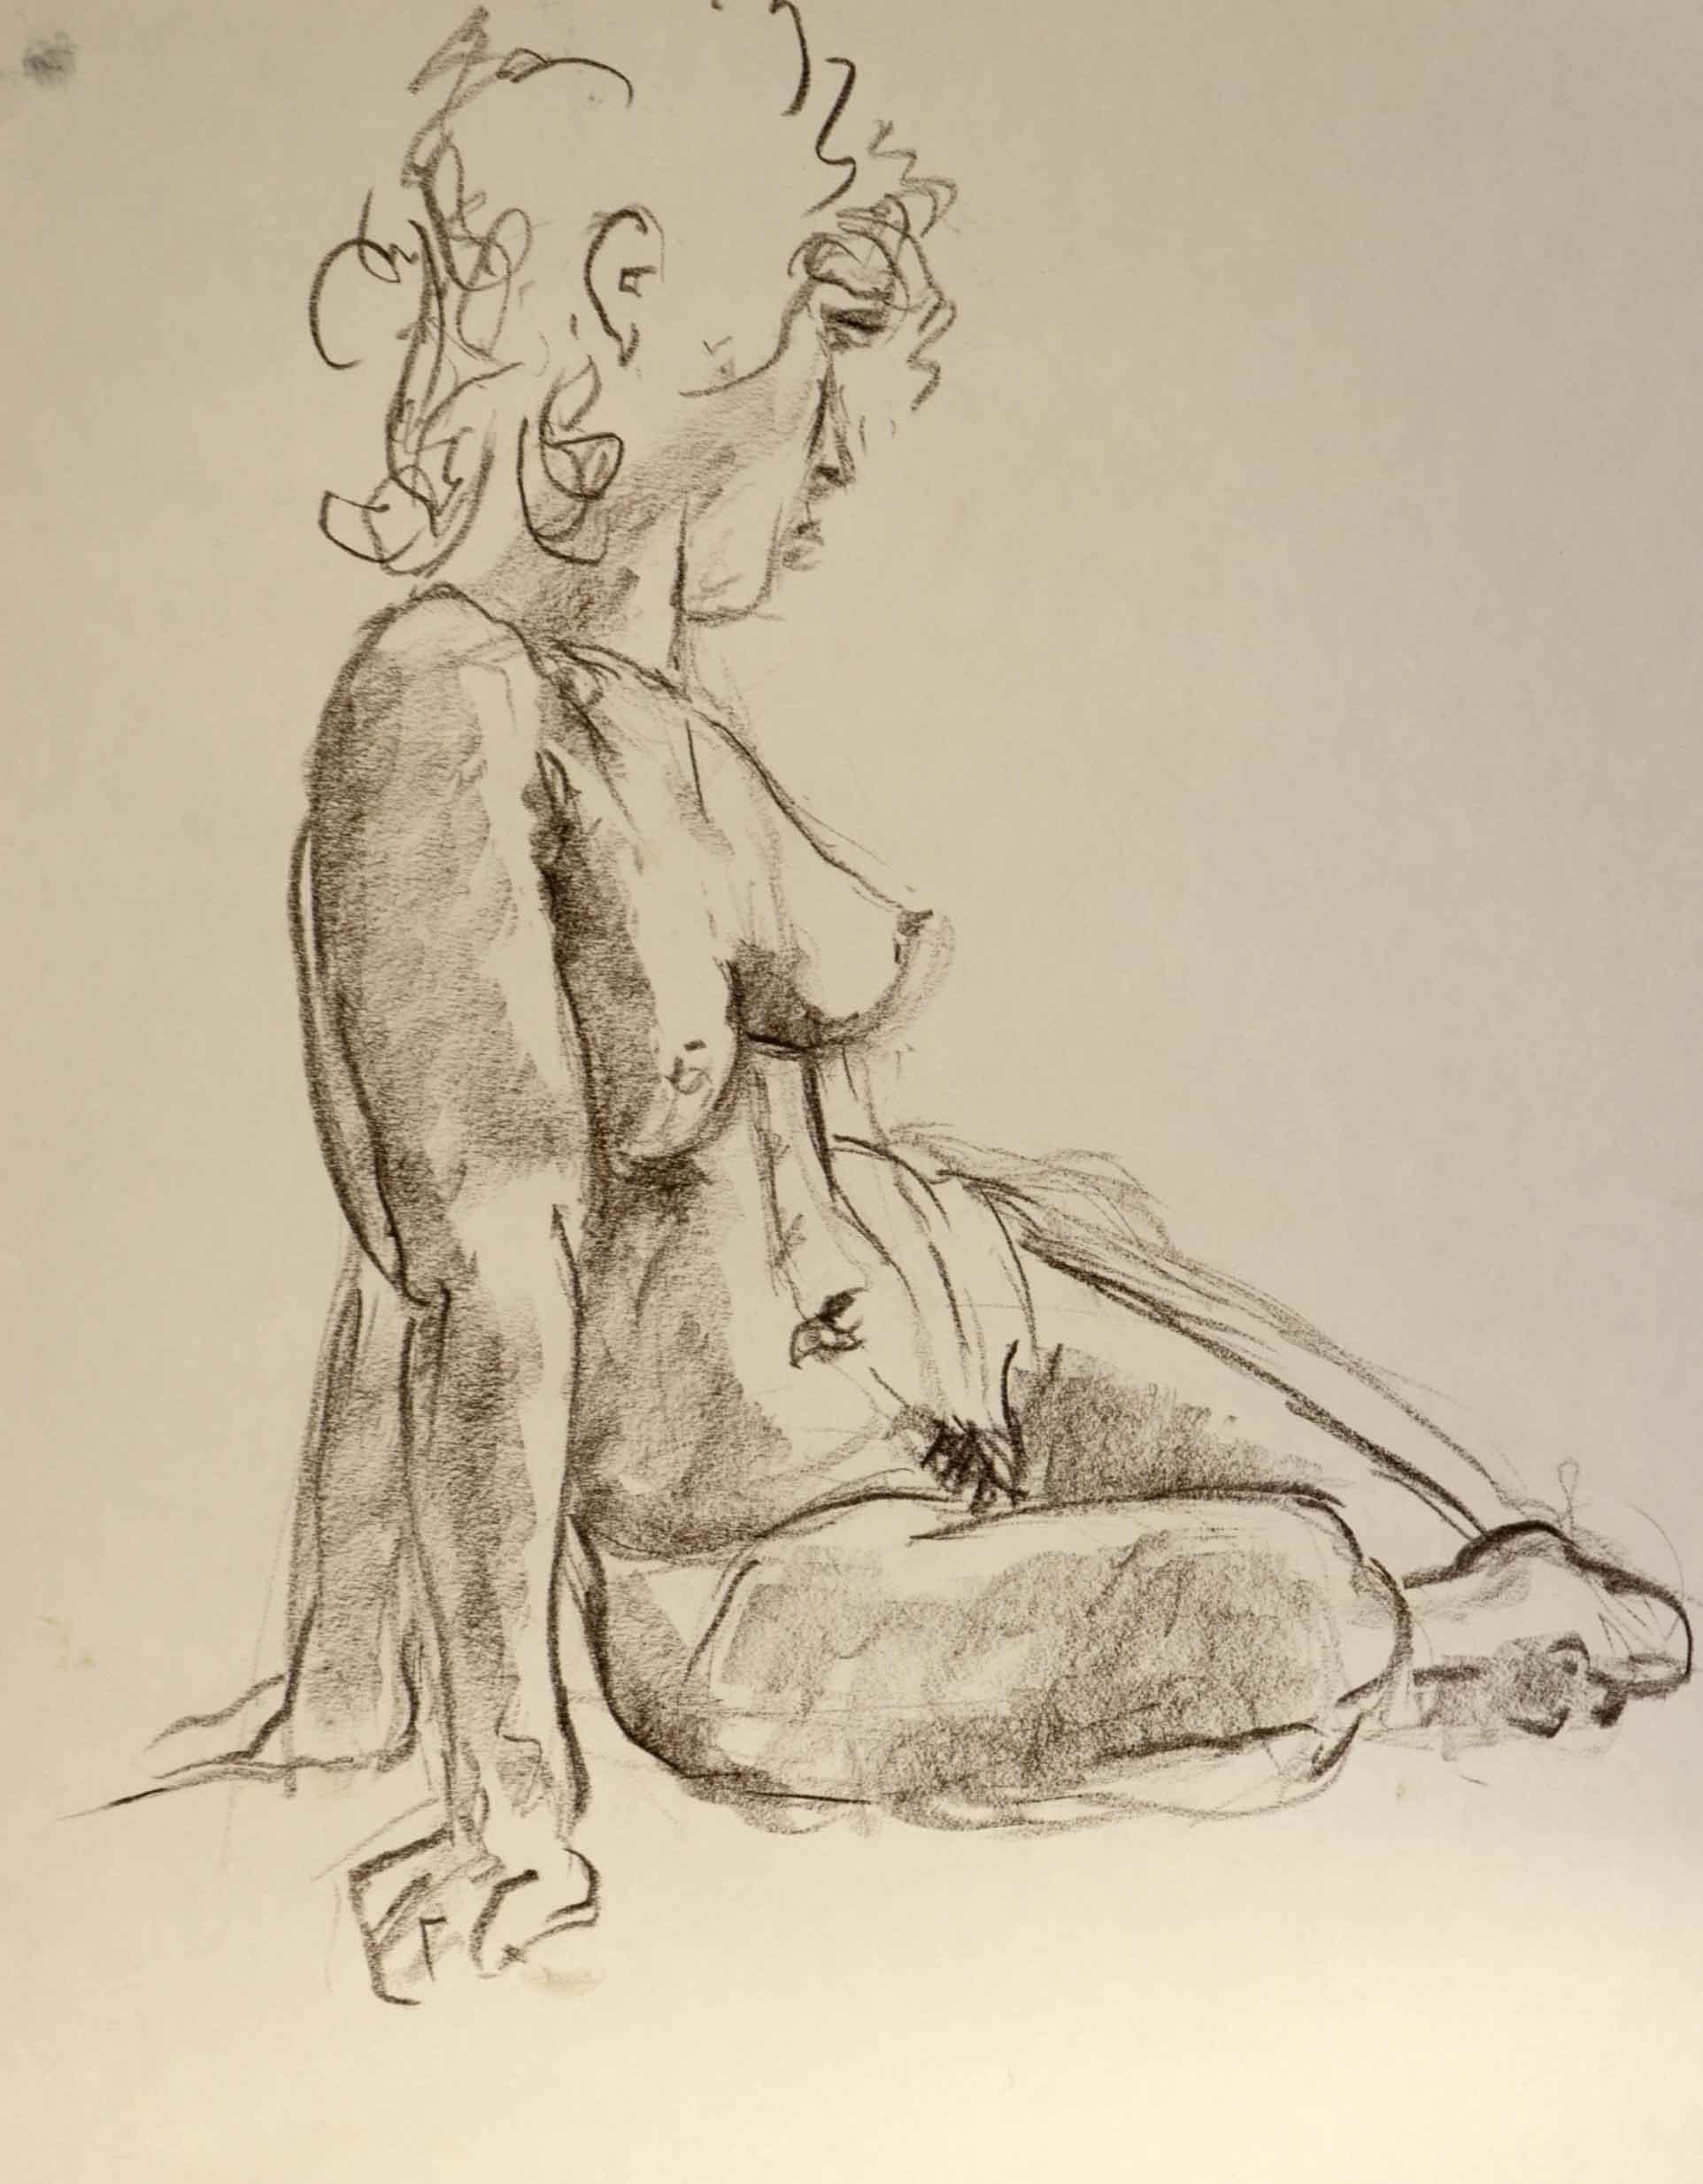 Dessin mod�le vivant nu � la craie sur papier format raisin   cours de dessin